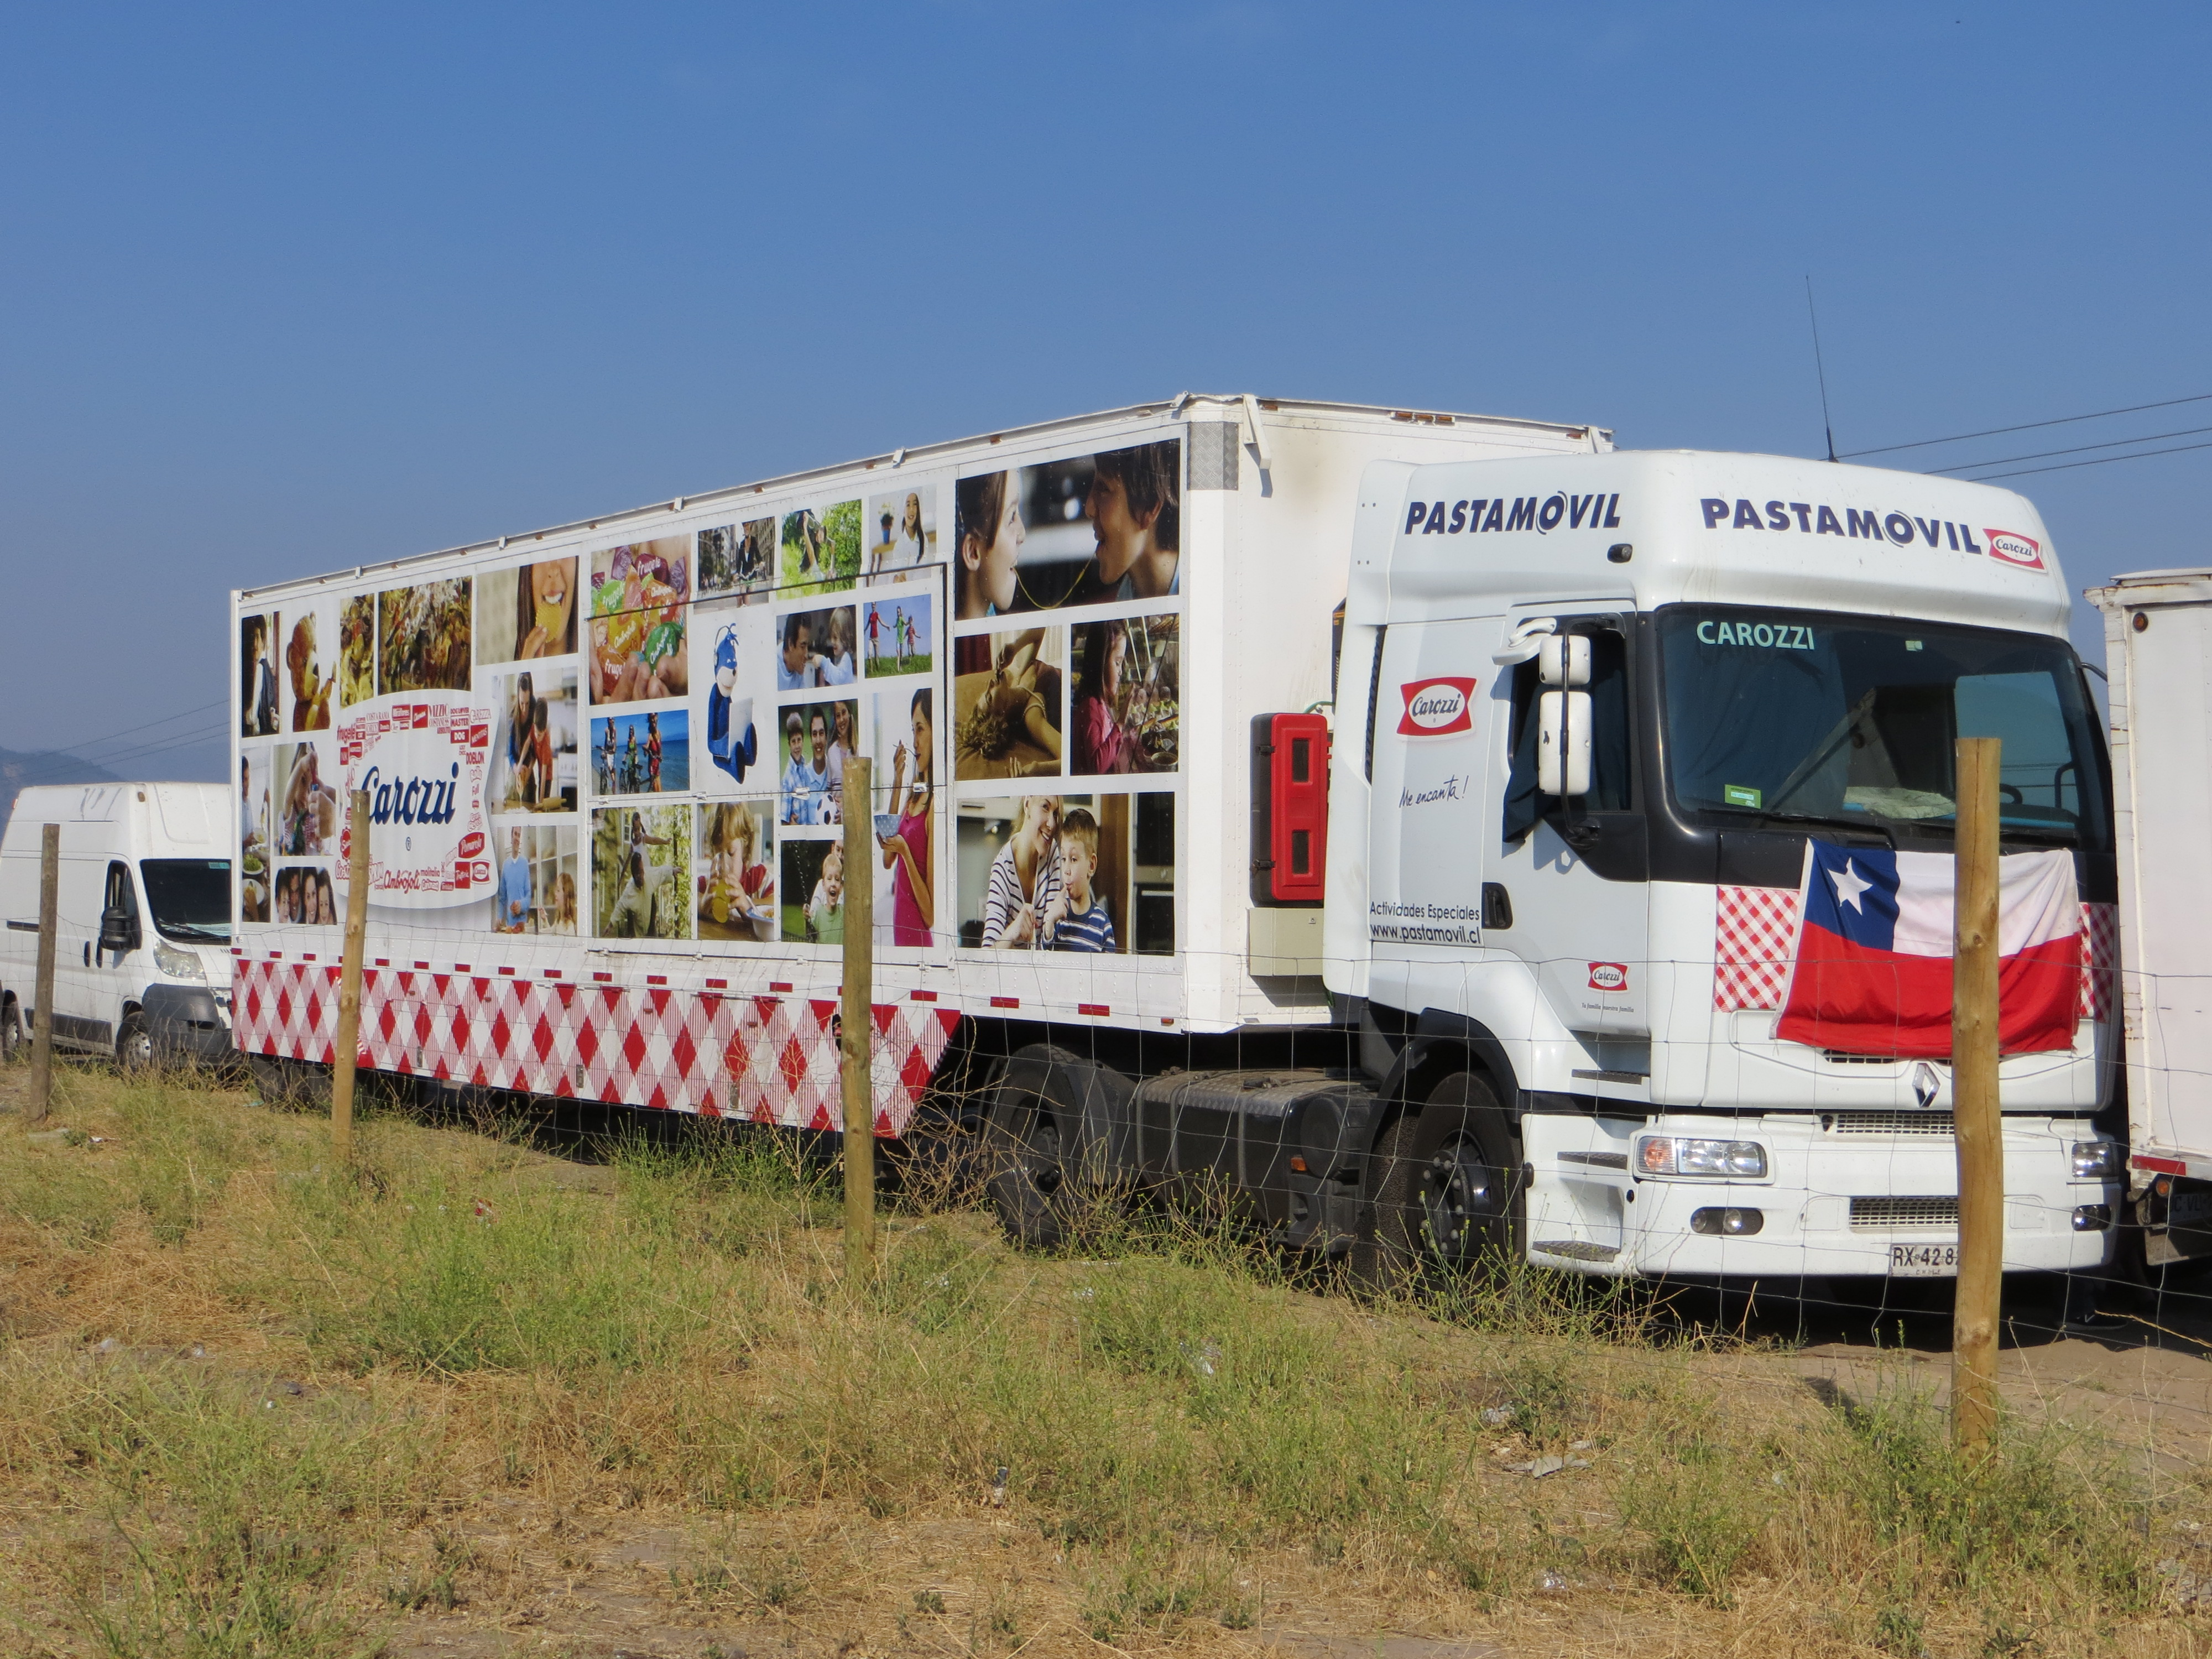 Pasta Móvil de Carozzi se instala en Santa Olgapara continuar con ayuda a afectados por incendios